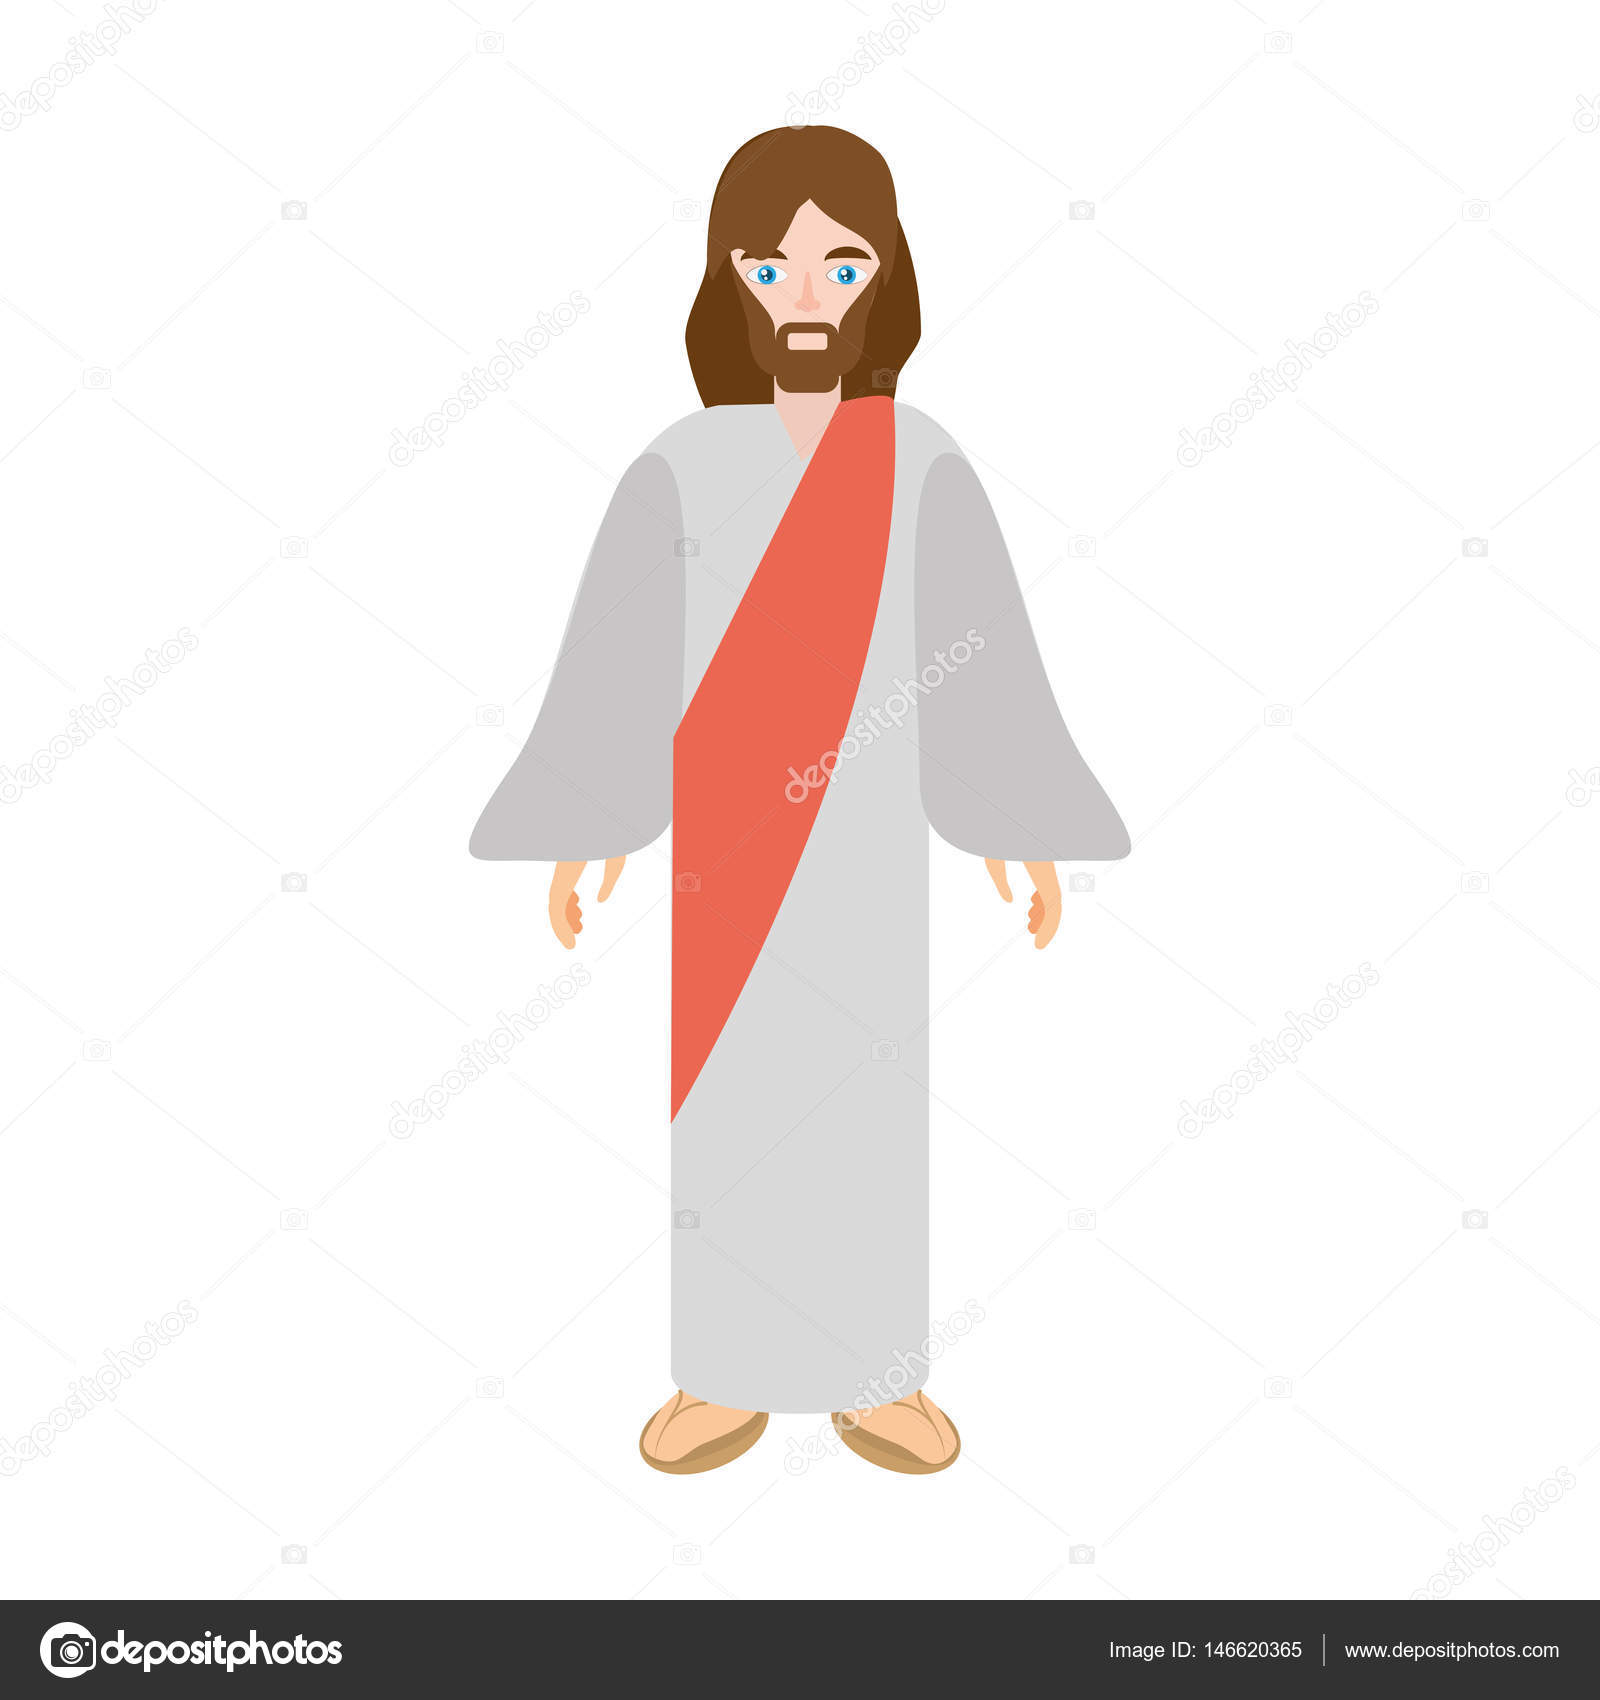 Gesù cristo immagine di cristianesimo u2014 vettoriali stock © djv